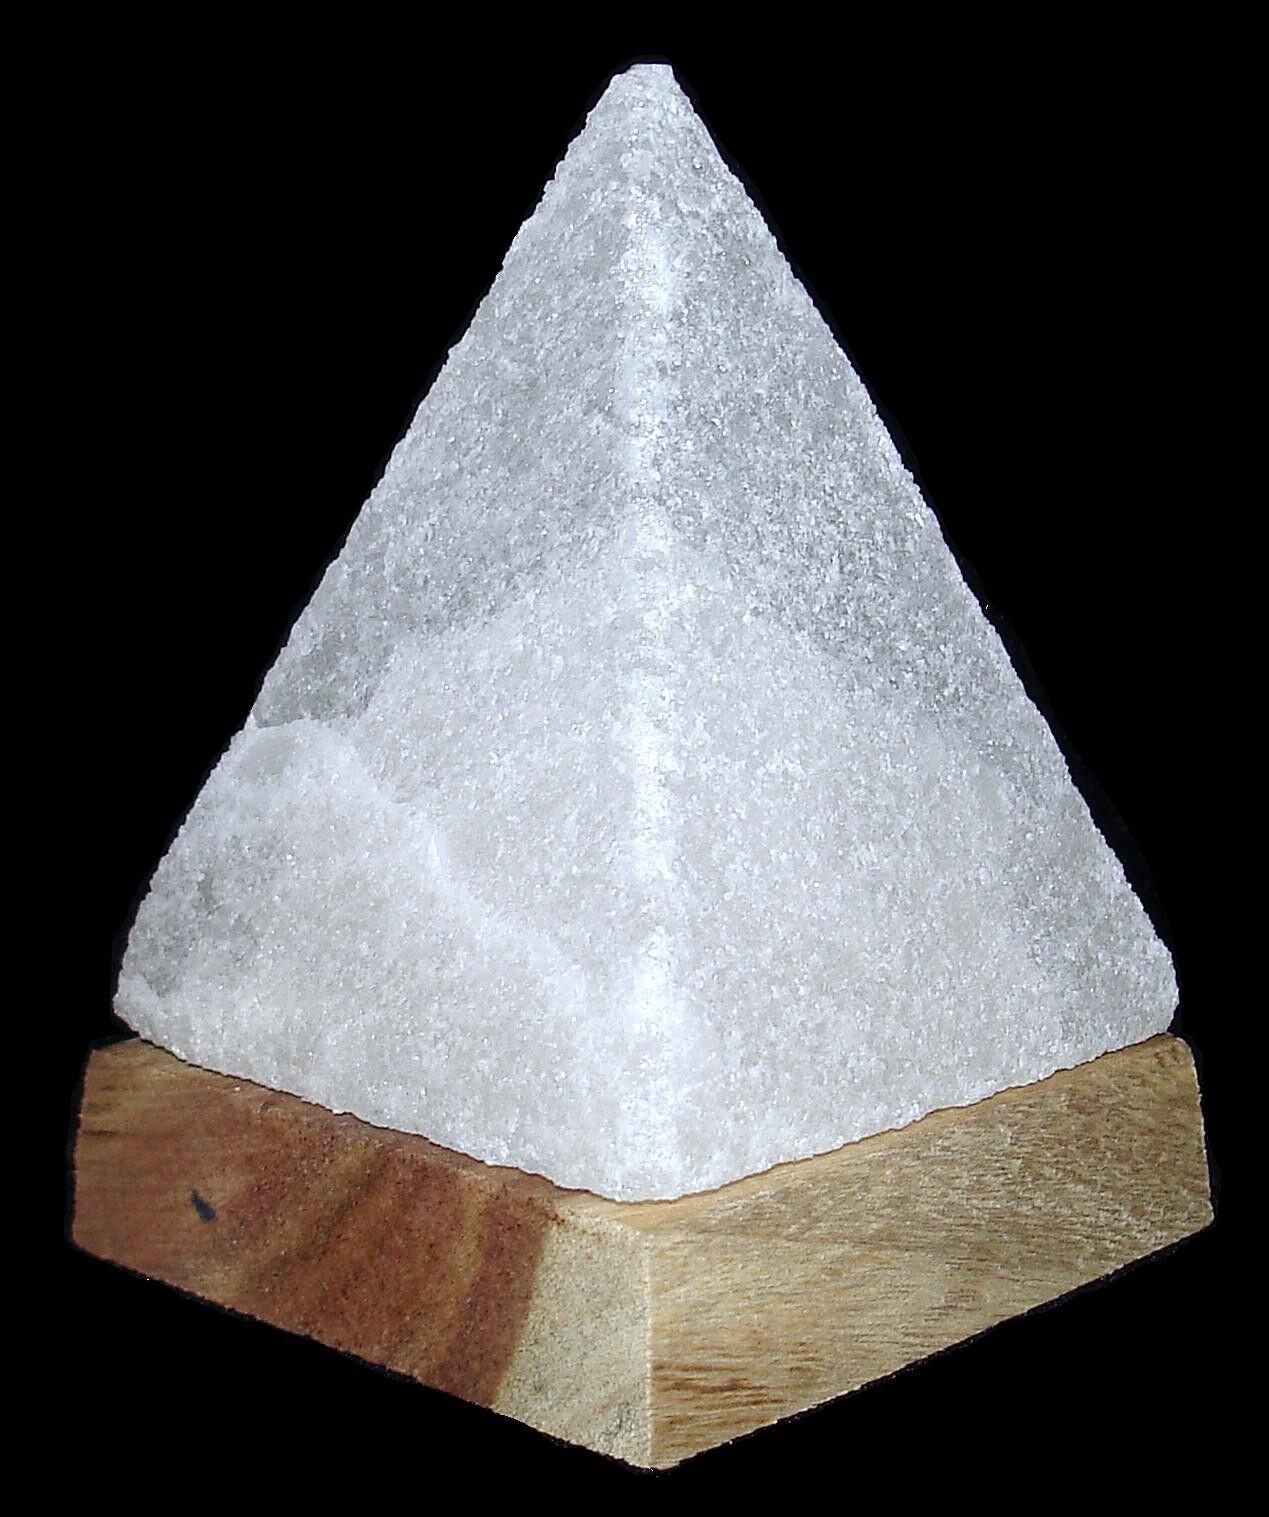 Himalayan Salt Rock Lamp Desk Pyramid W Led Light Usb